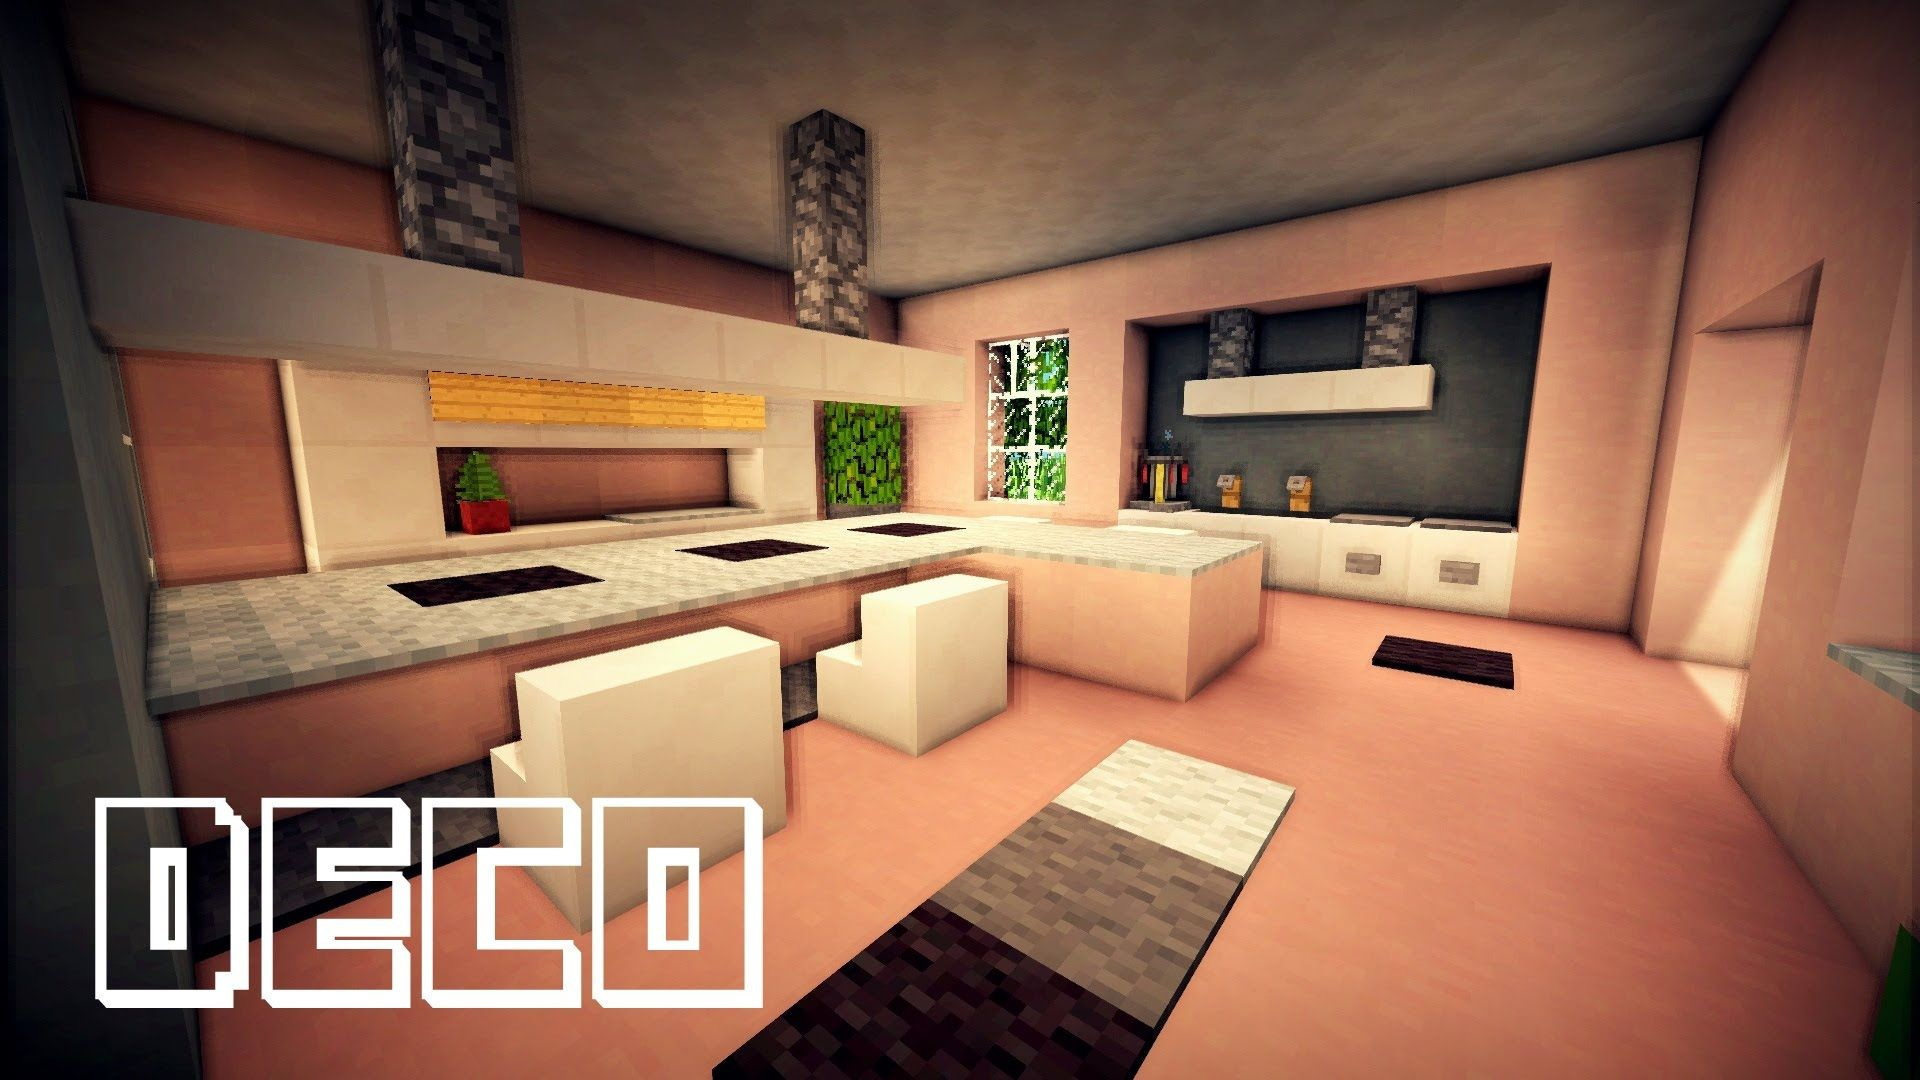 Minecraft Creer Une Cuisine Moderne Minecraft Moderne Maison Moderne Minecraft Salle A Manger Moderne